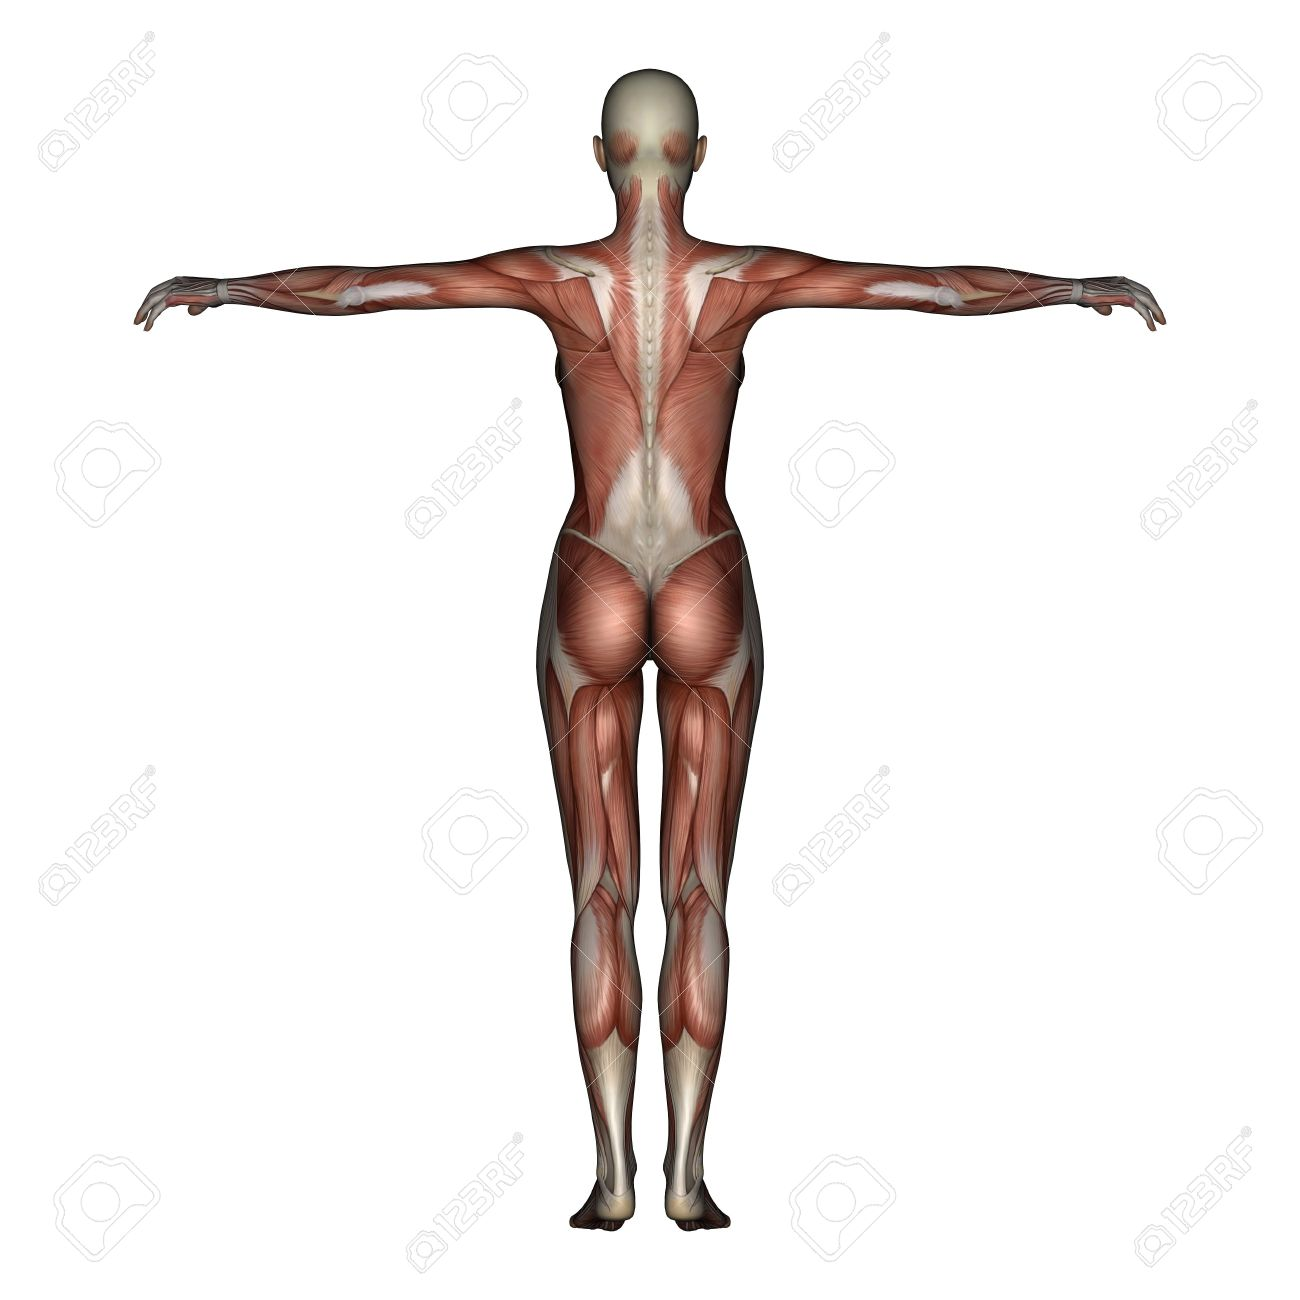 Excepcional Anatomía Muscular 3d Adorno - Imágenes de Anatomía ...